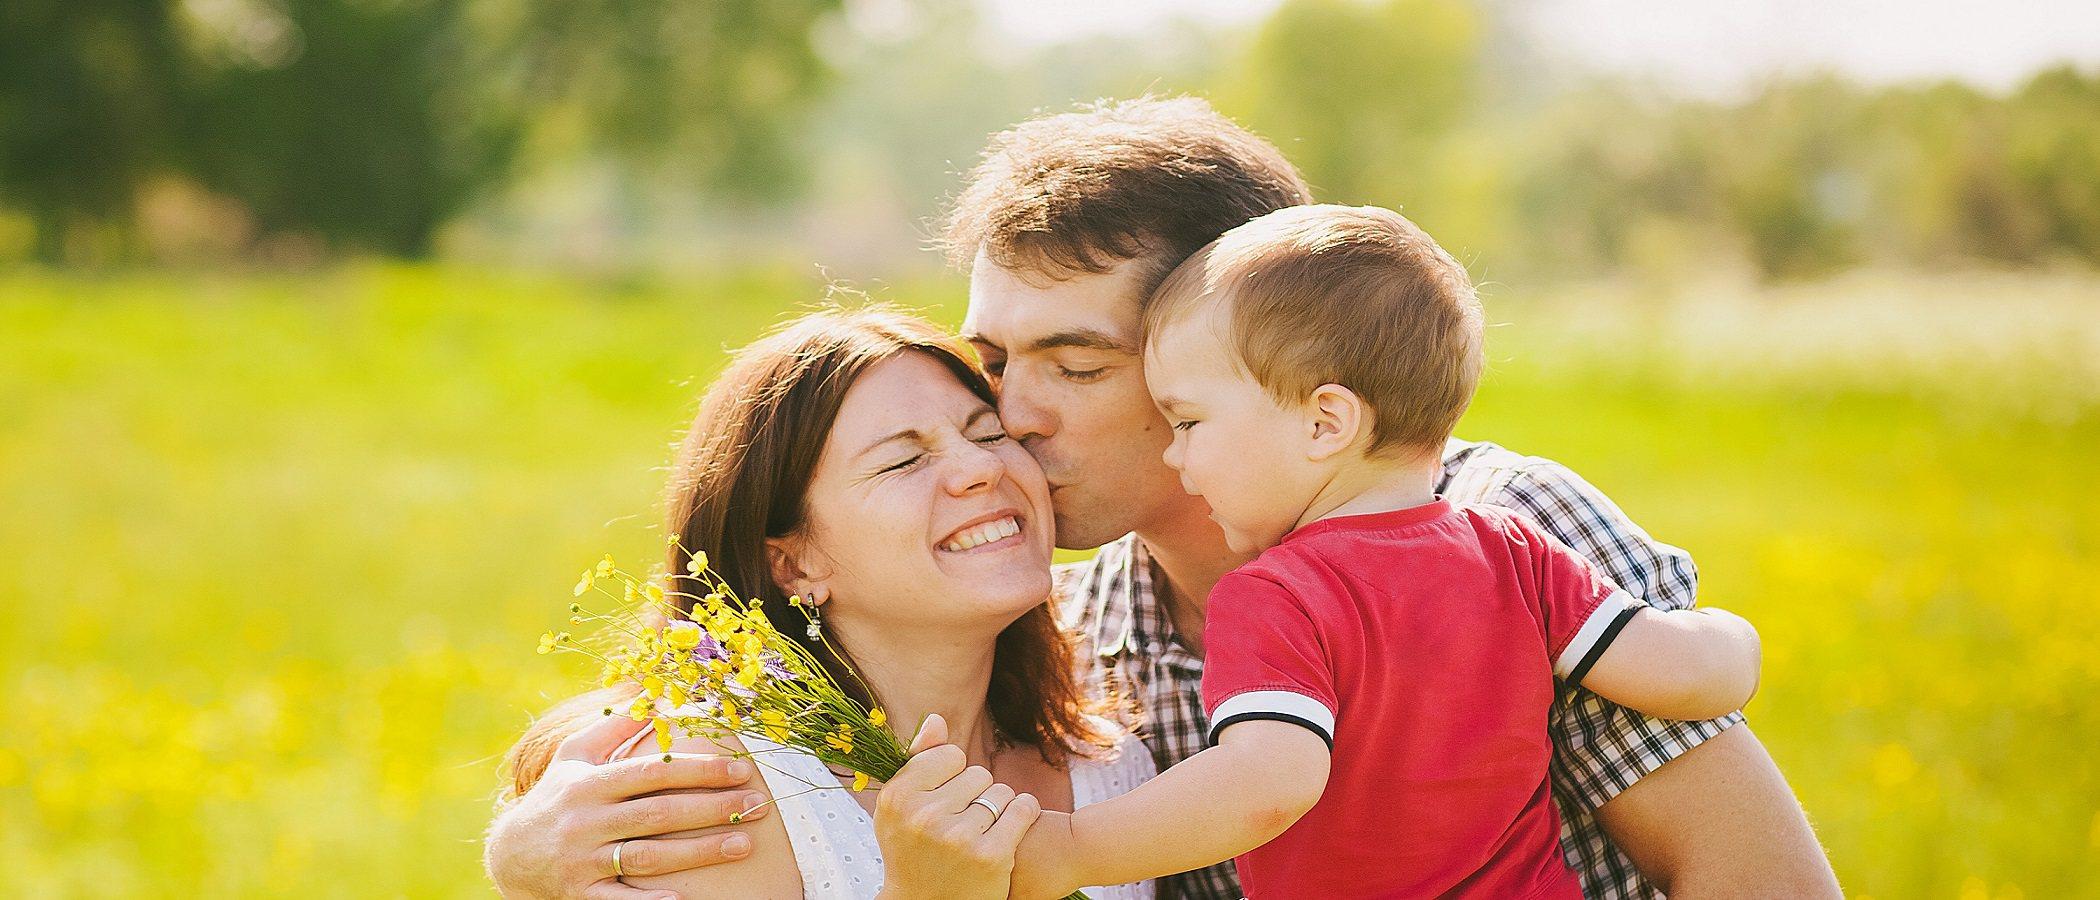 Cuida tu relación de pareja por el bien de tu familia